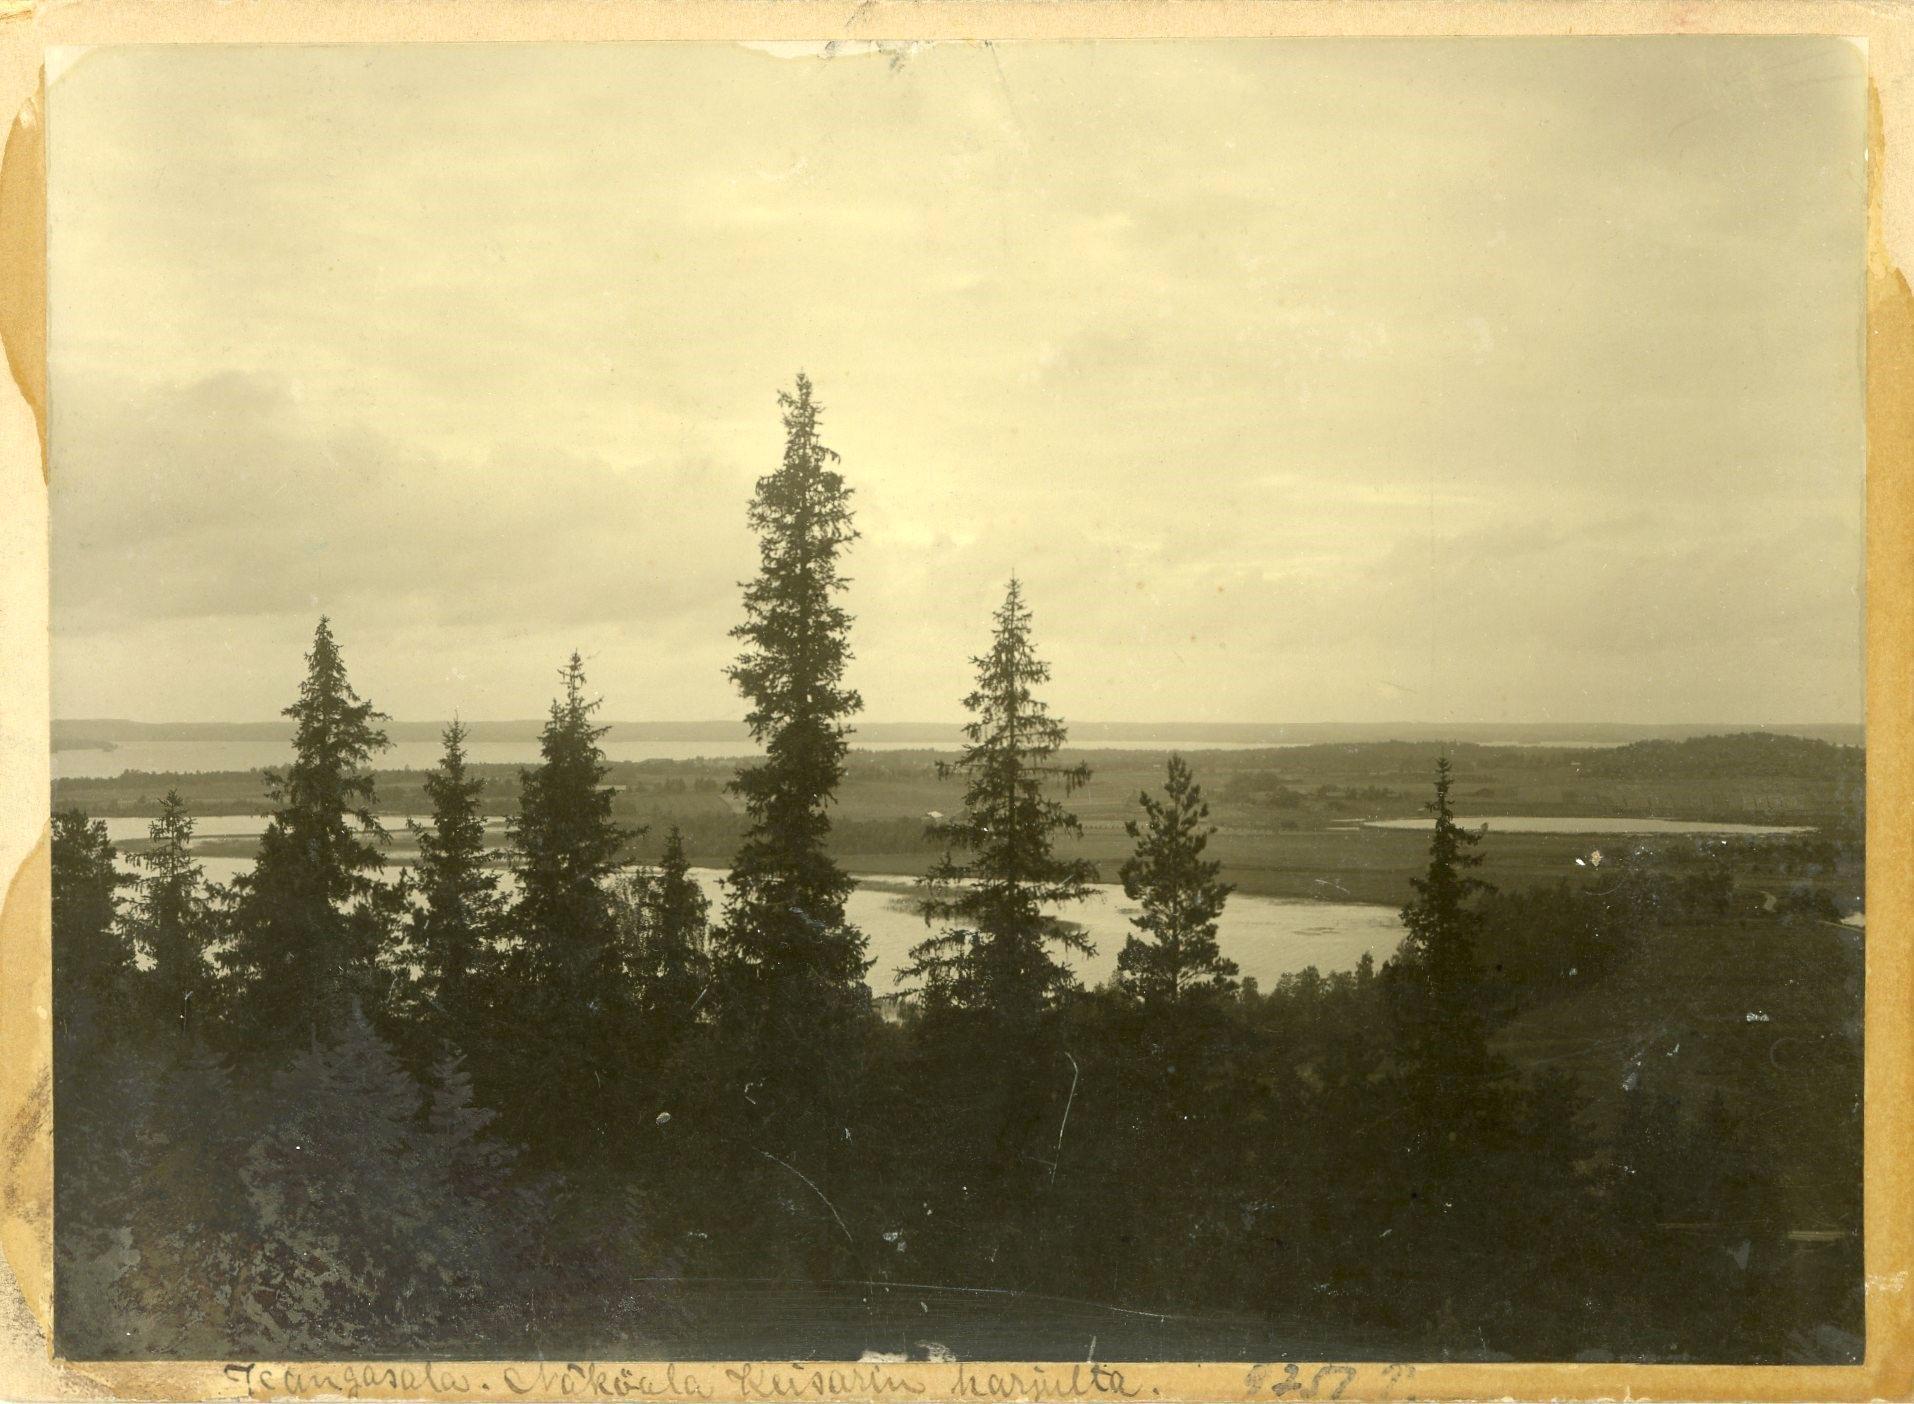 Kaupunki teettää arkeologisen selvityksen maaseutualueiden osayleiskaavan alueelle. Kuvassa oleva vanha Kangasala-postikortti kuuluu Ilkka Pikkolan kokoelmiin.